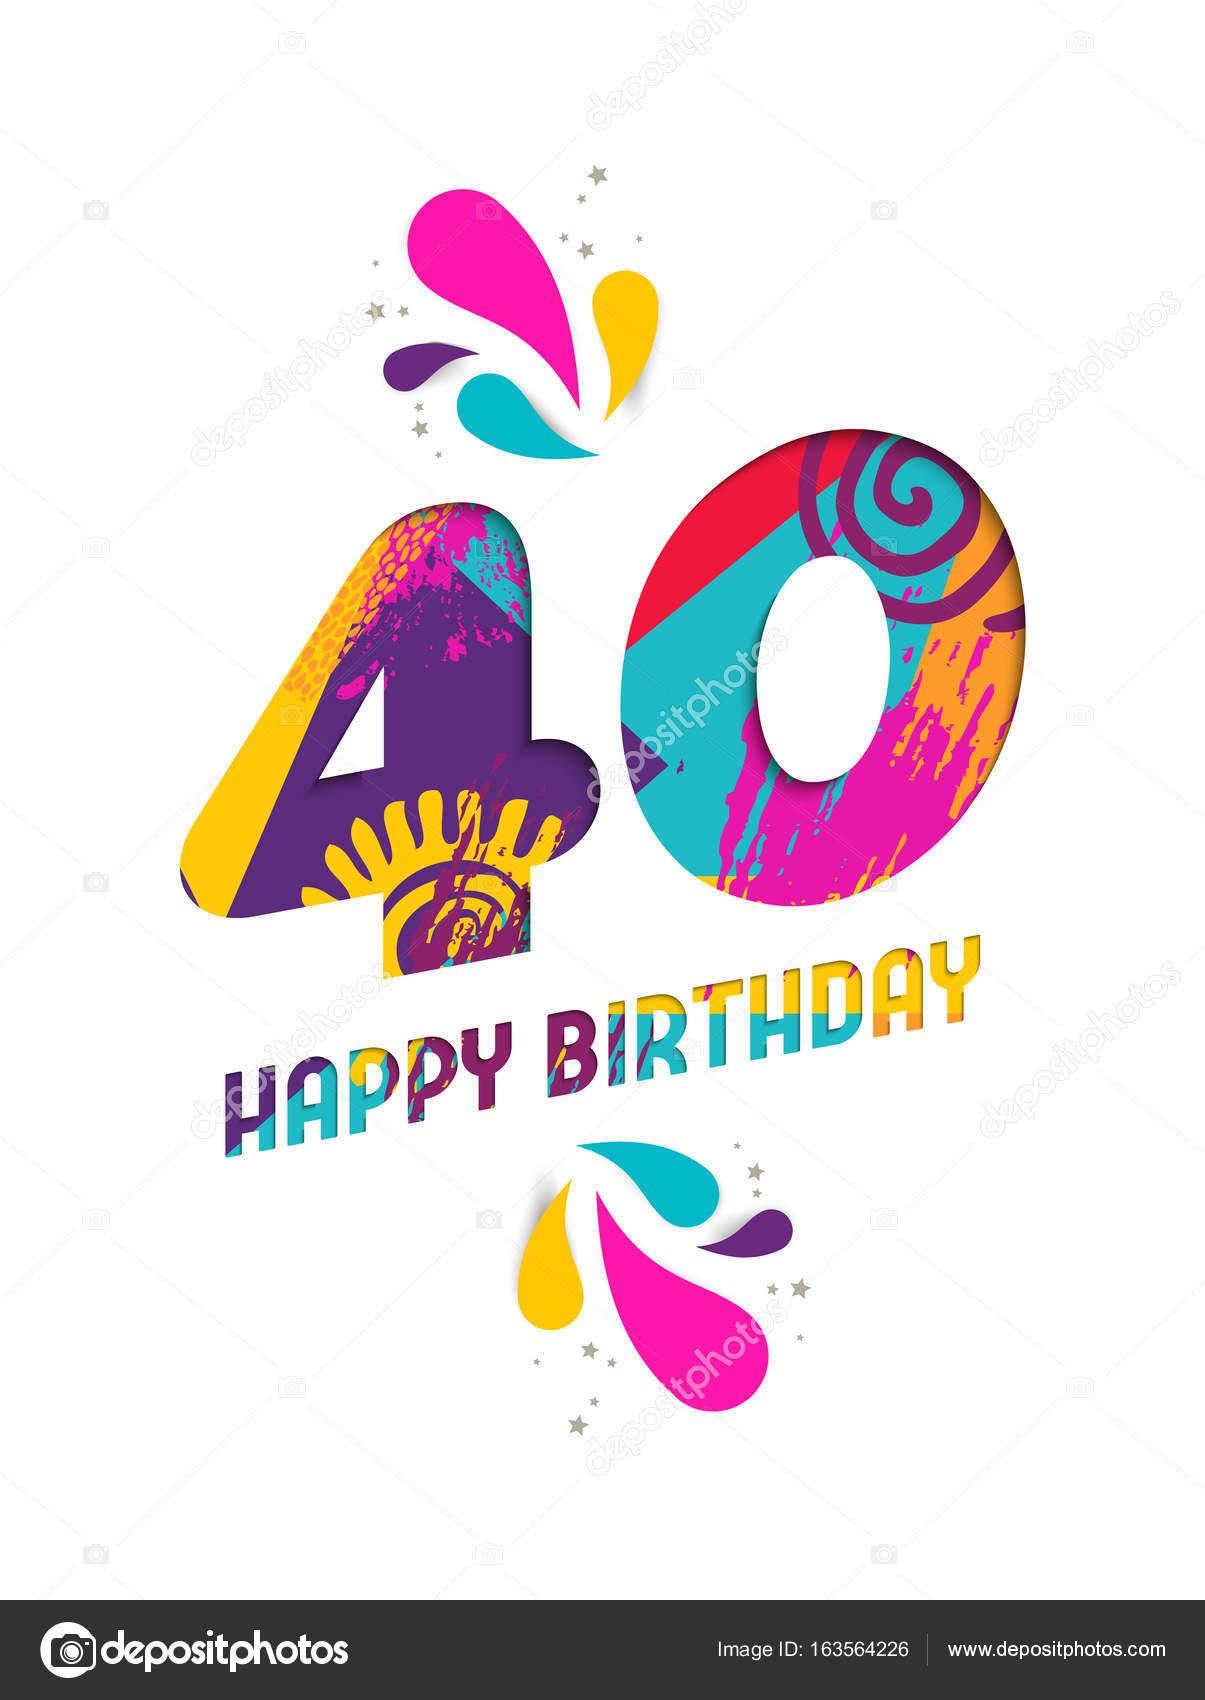 grattis på födelsedagen text 40 år Grattis på födelsedagen 40 år papper skära gratulationskort  grattis på födelsedagen text 40 år